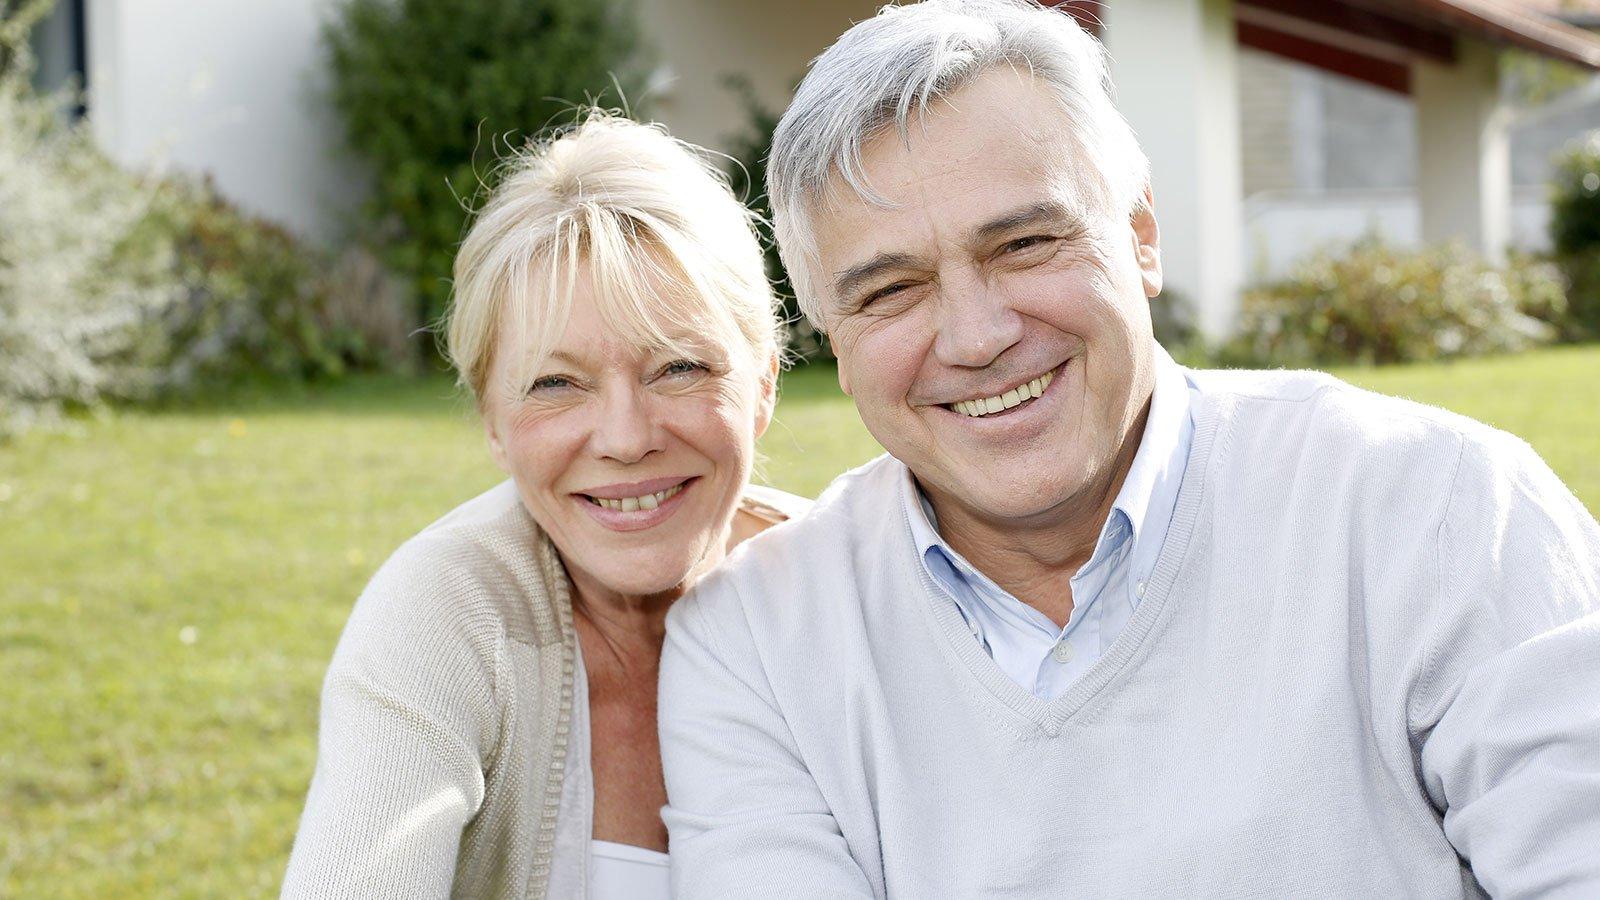 un uomo e una donna sorridono